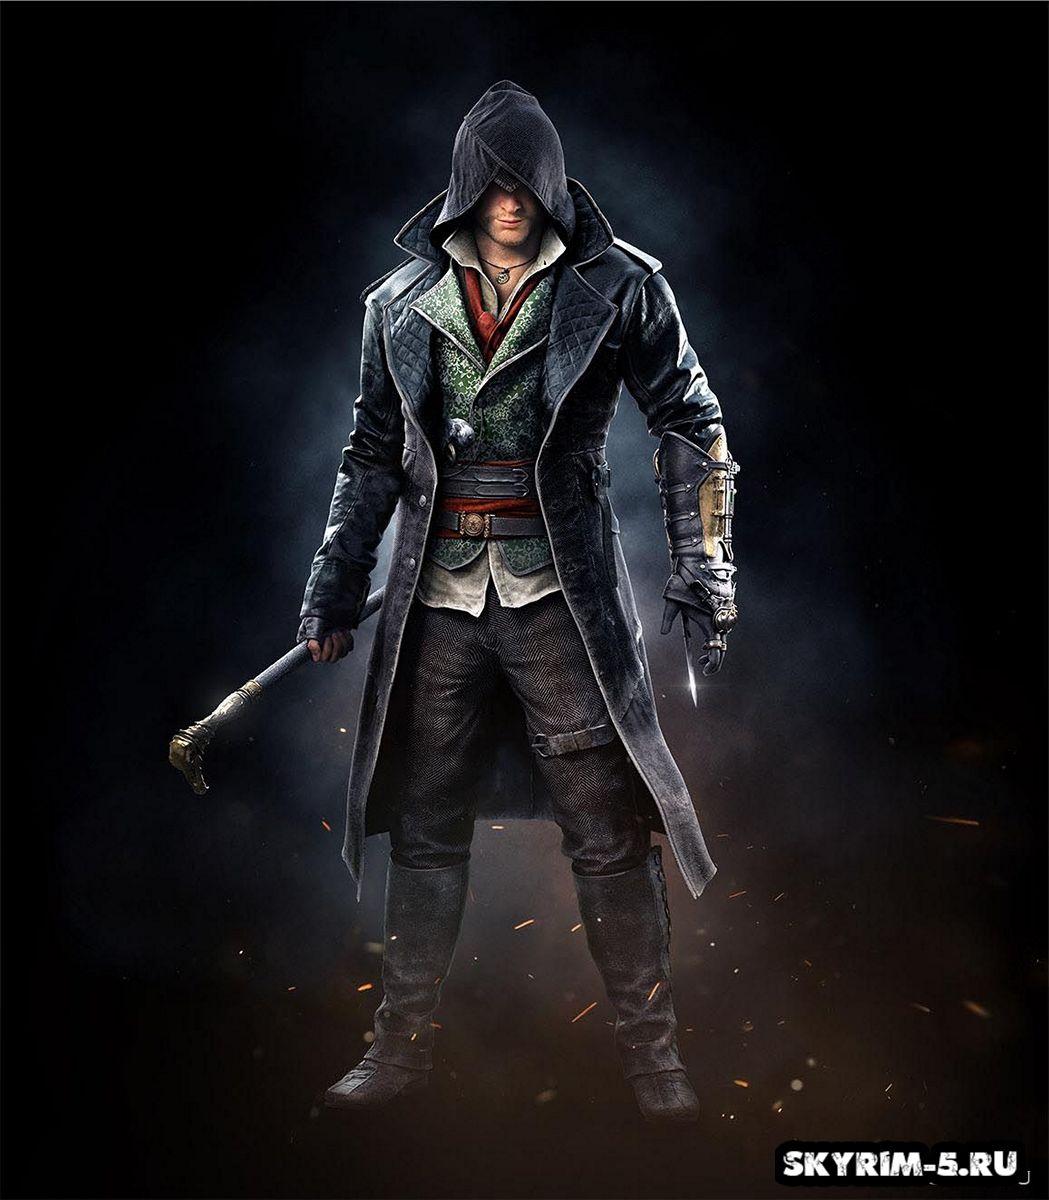 Одеяние Джейкоба - Assassin's Creed SyndicateМоды Скайрим > Броня и одежда Скайрим